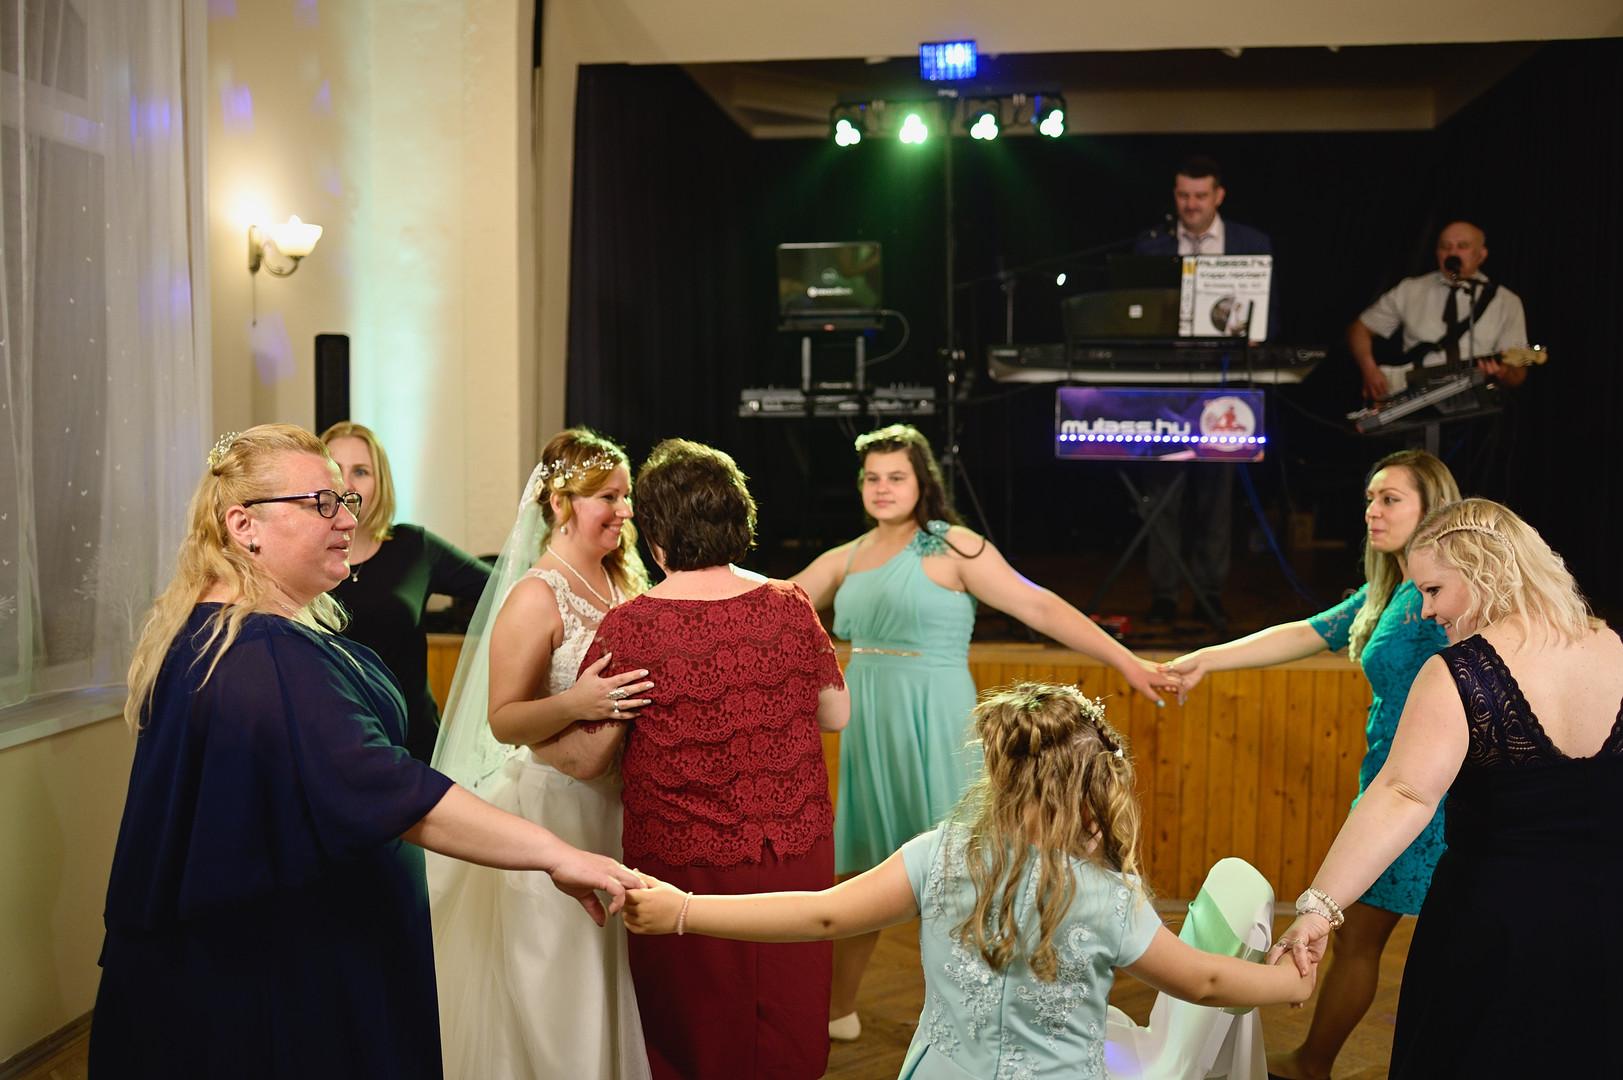 680  Esküvői fotózás - Enikő és Peti Bul